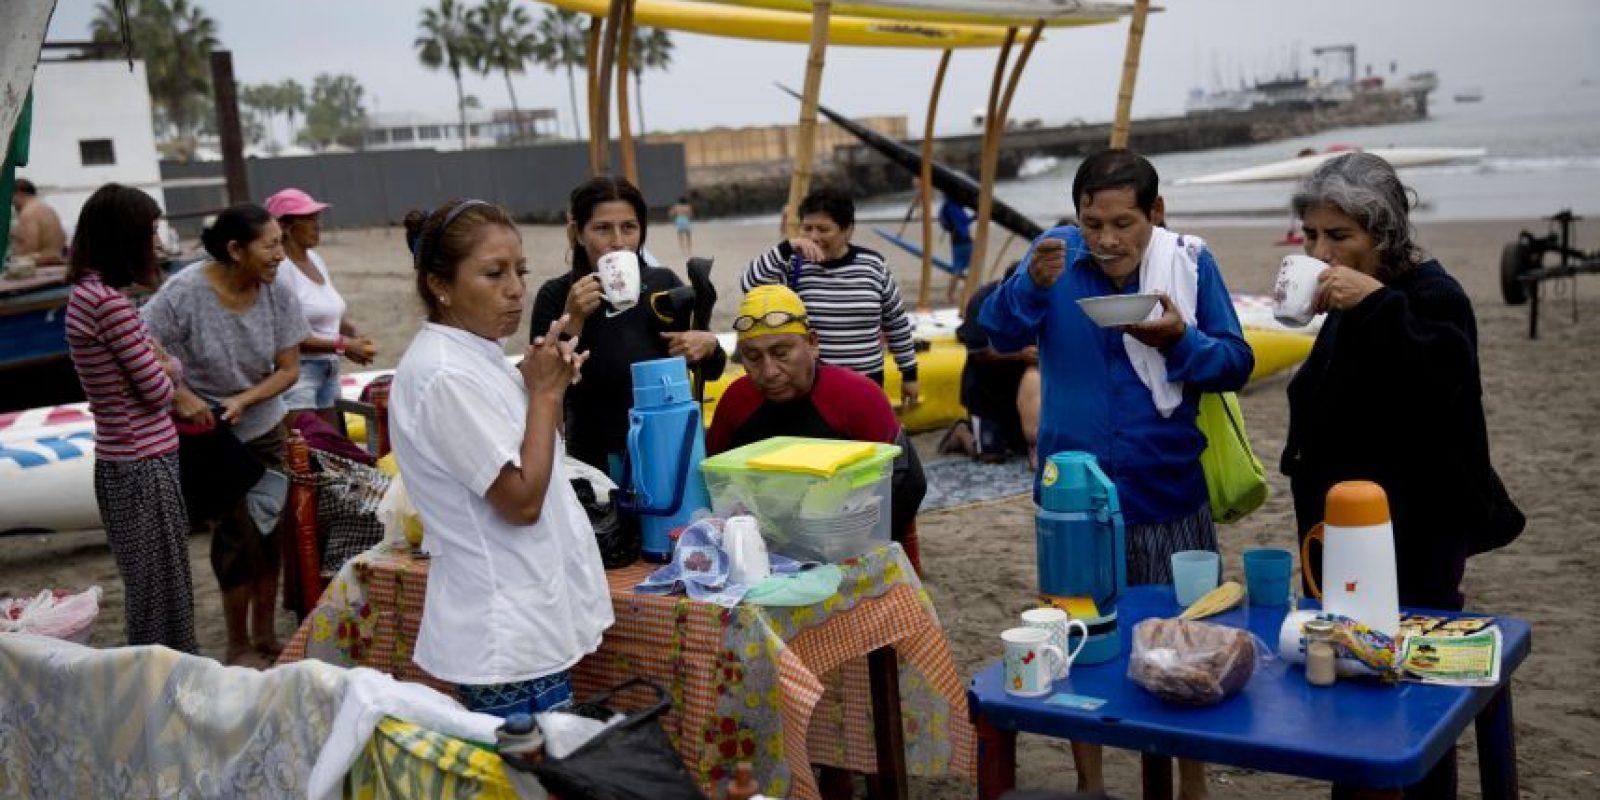 """En esta imagen, tomada el 15 de mayo de 2015, bañistas desayunan en la playa Pescadores frente al océano Pacífico en Lima, Perú. Los bañistas compran sus alimentos a un vendedor de """"comida sana"""" tras una sesión de baño terapéutico. Foto:AP/ Rodrigo Abd"""